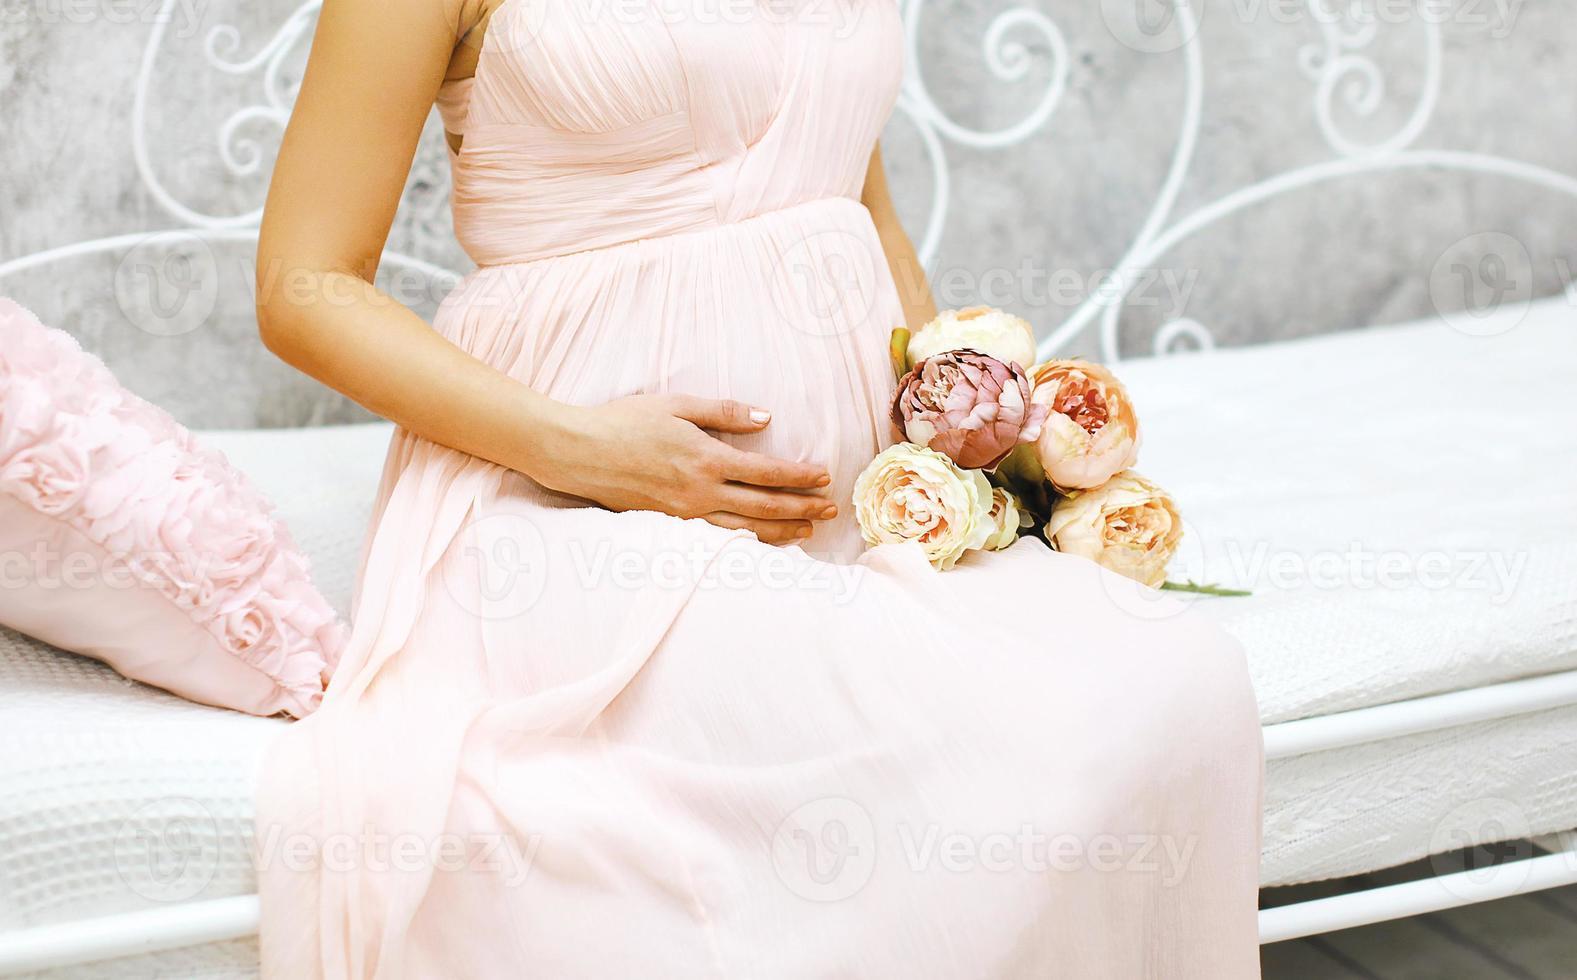 gravidanza, maternità e felice futuro concetto di madre - incinta foto